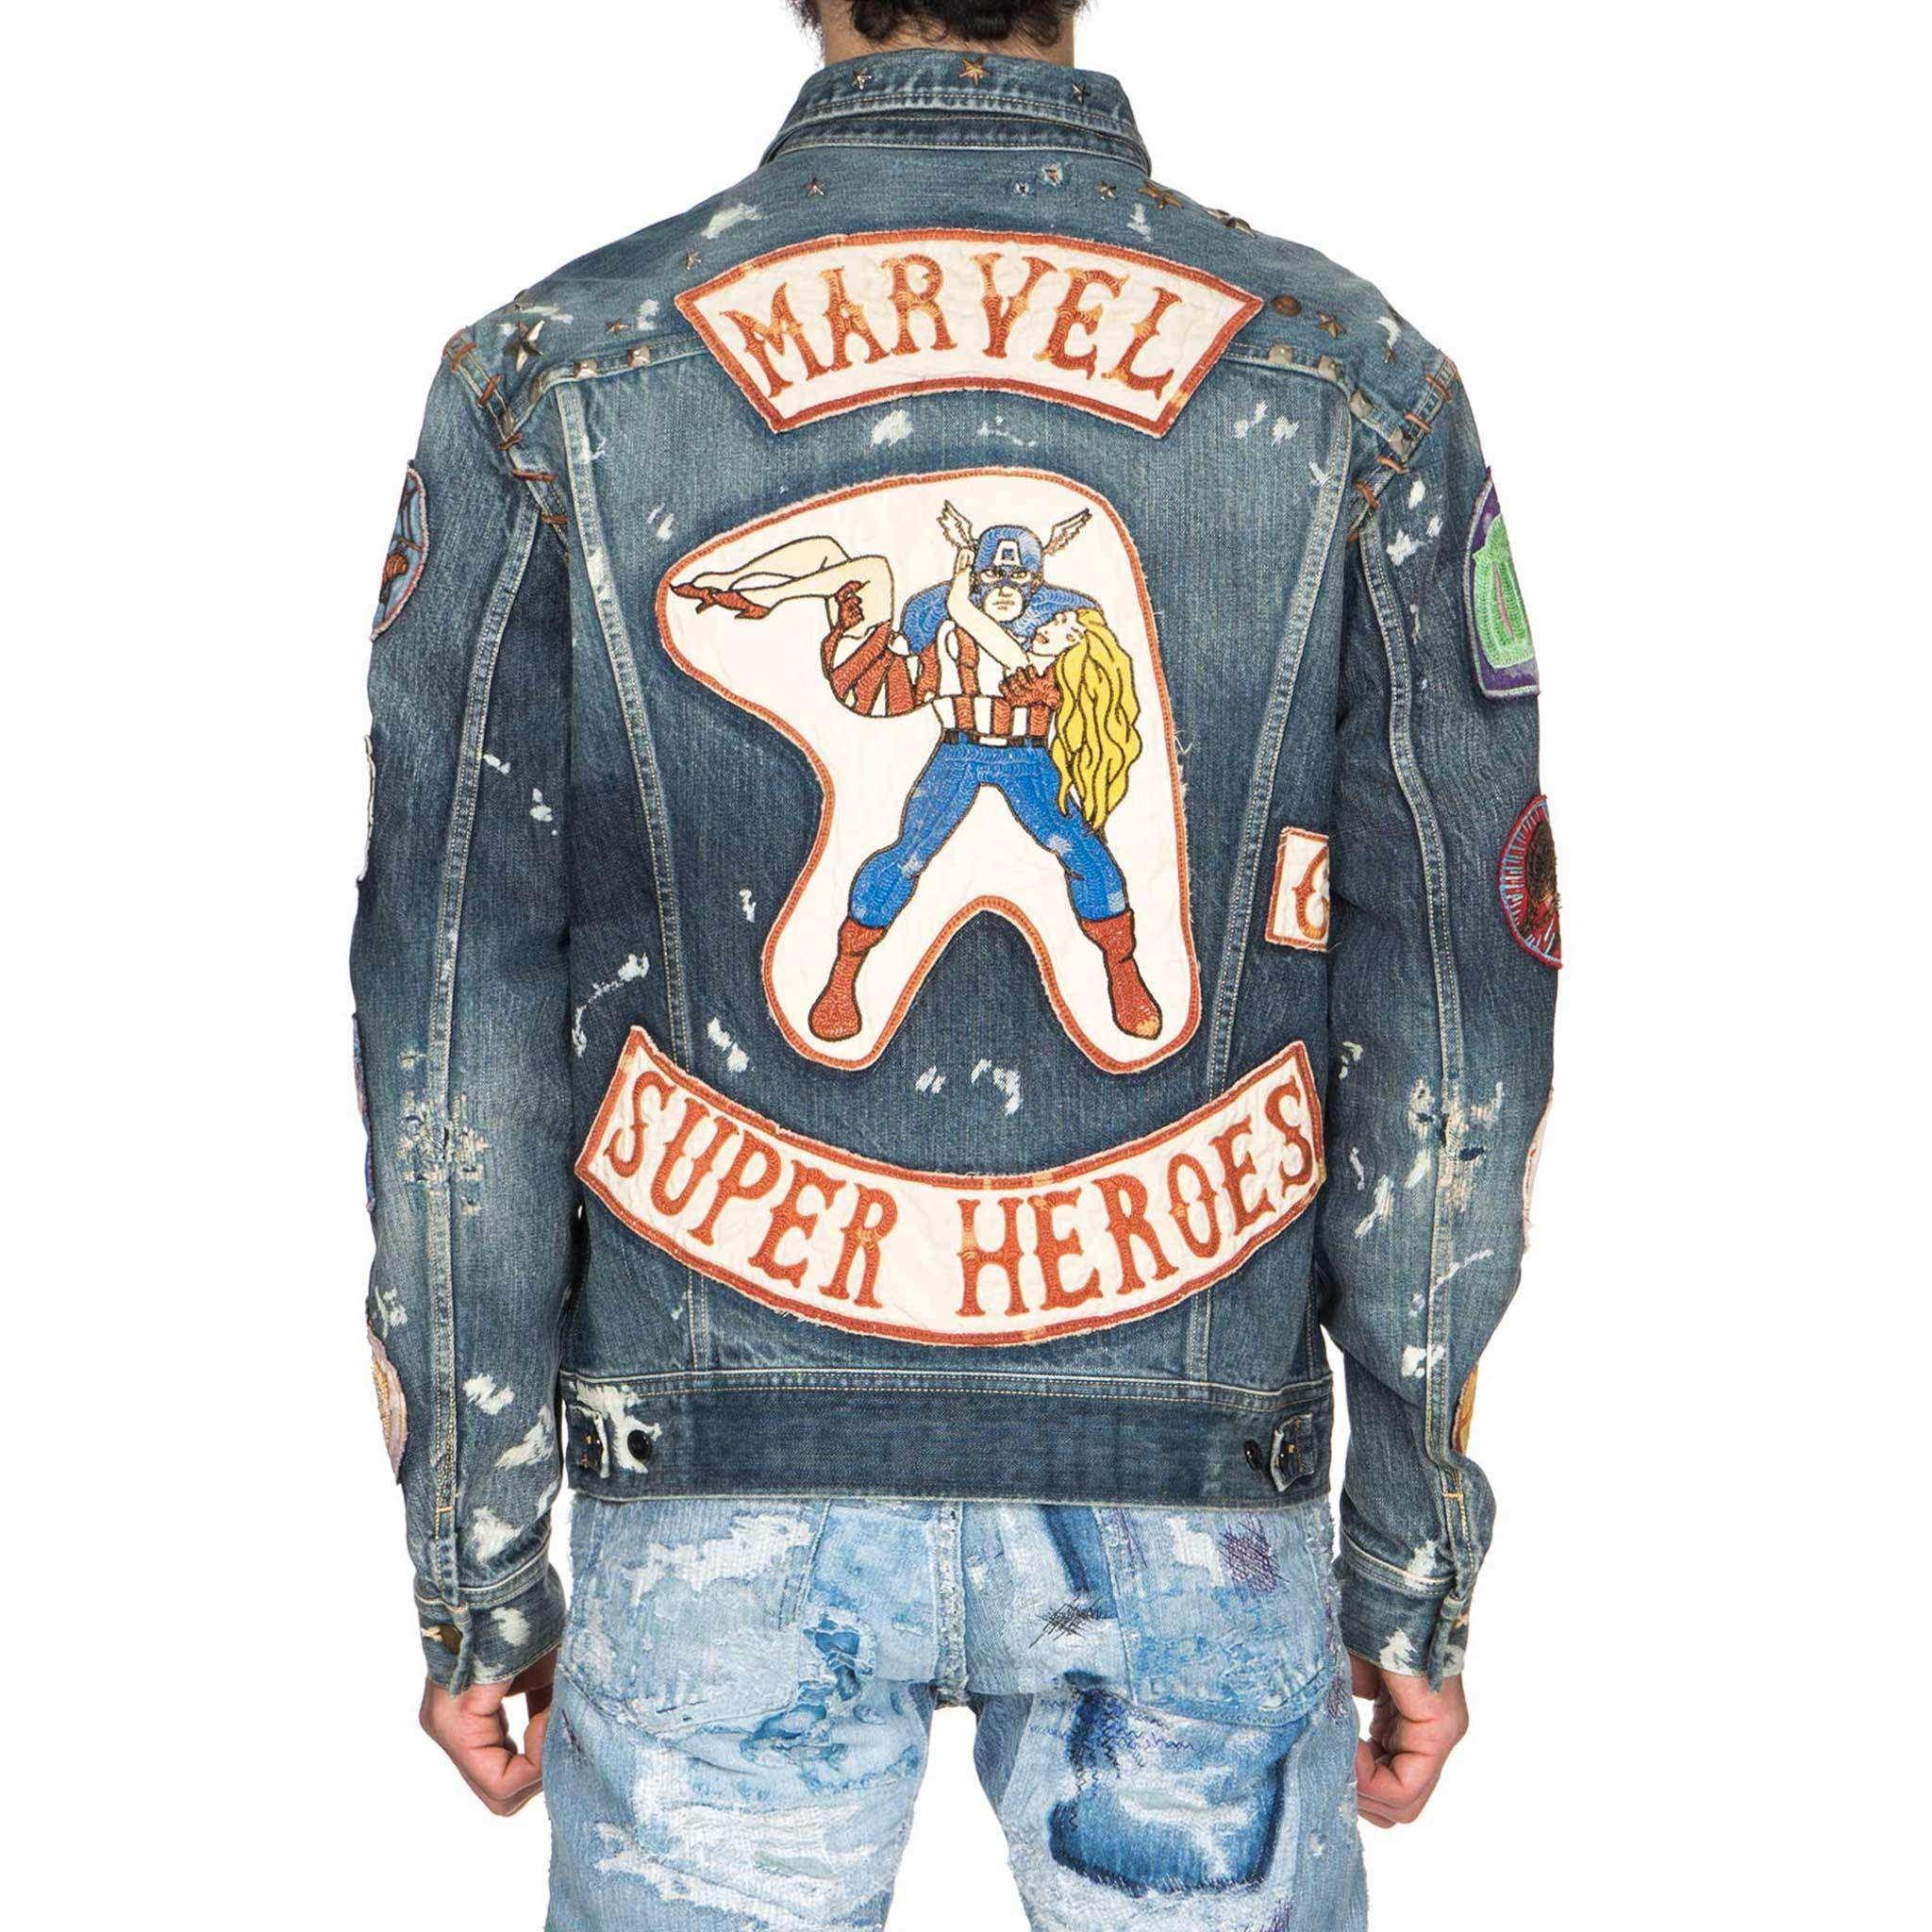 Kapital X Marvel Collection Denim Westerner Heroes Denim Jacket Denim Jackets [ 2048 x 2048 Pixel ]